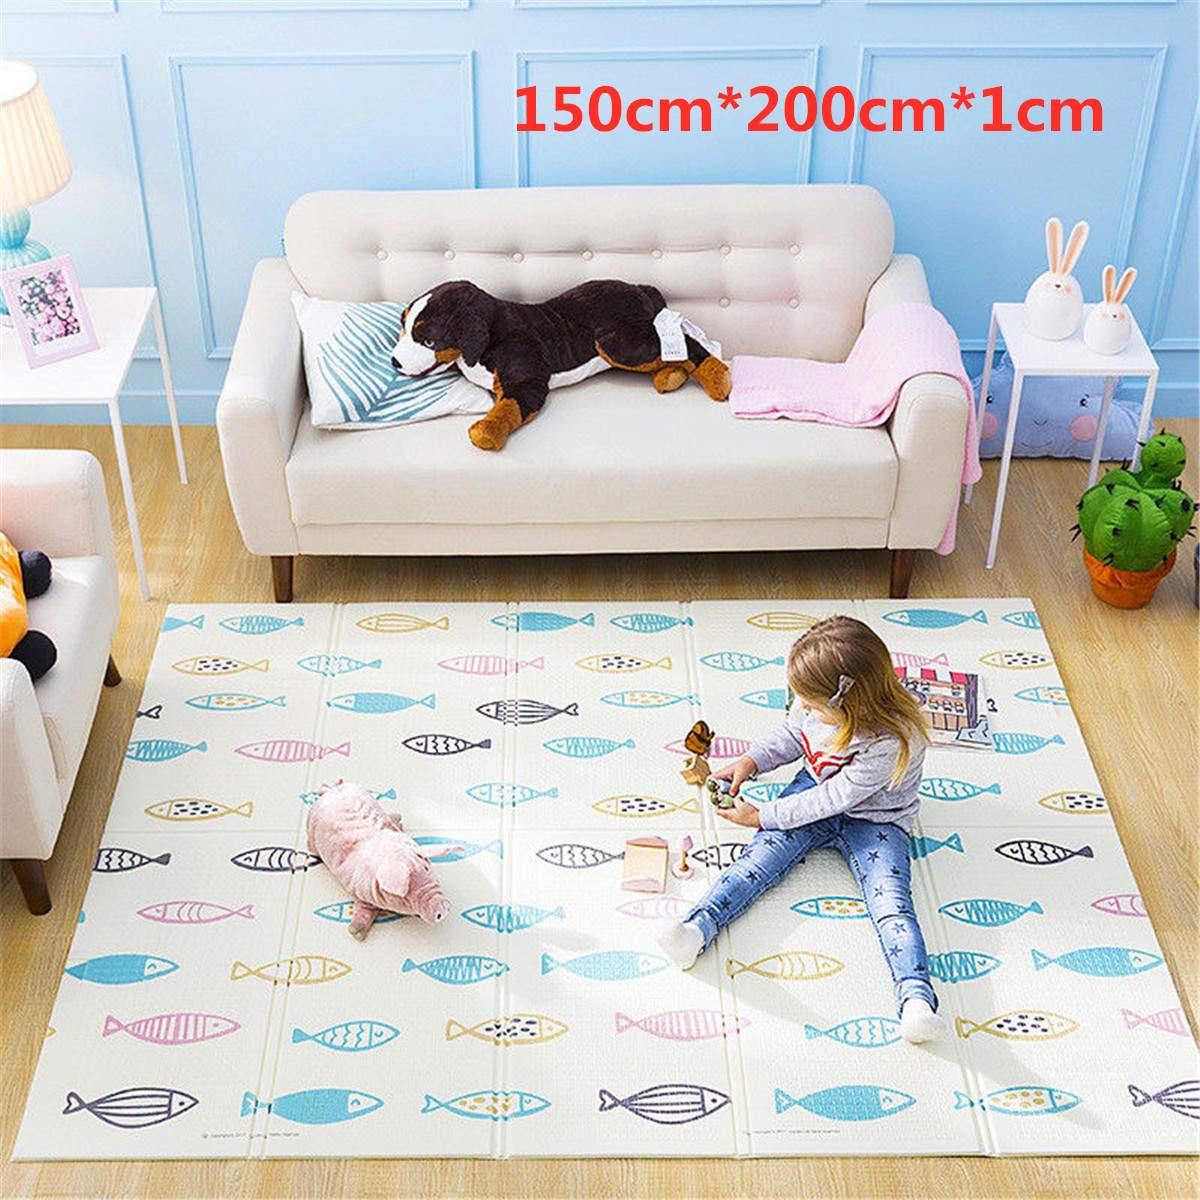 150x200x1 cm Pliable Infantile Brillant Bébé tapis de jeu tapis pour bébé XPE Enfants Tapis Bébé tapis de jeu Puzzles Tapis en la Pépinière Jouer